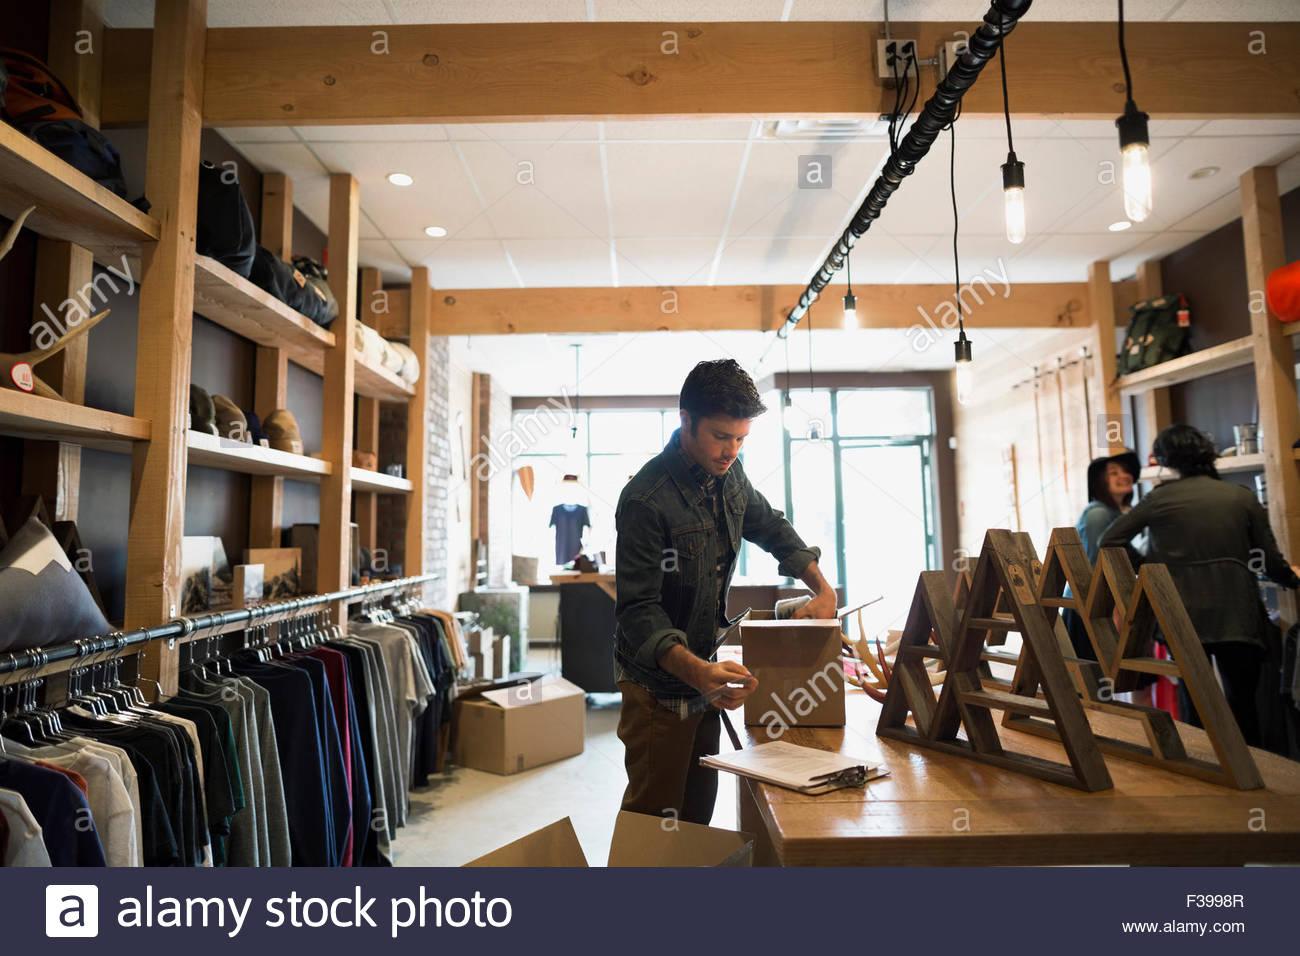 Déballage travailleur nouvel inventaire en boutique de vêtements Photo Stock